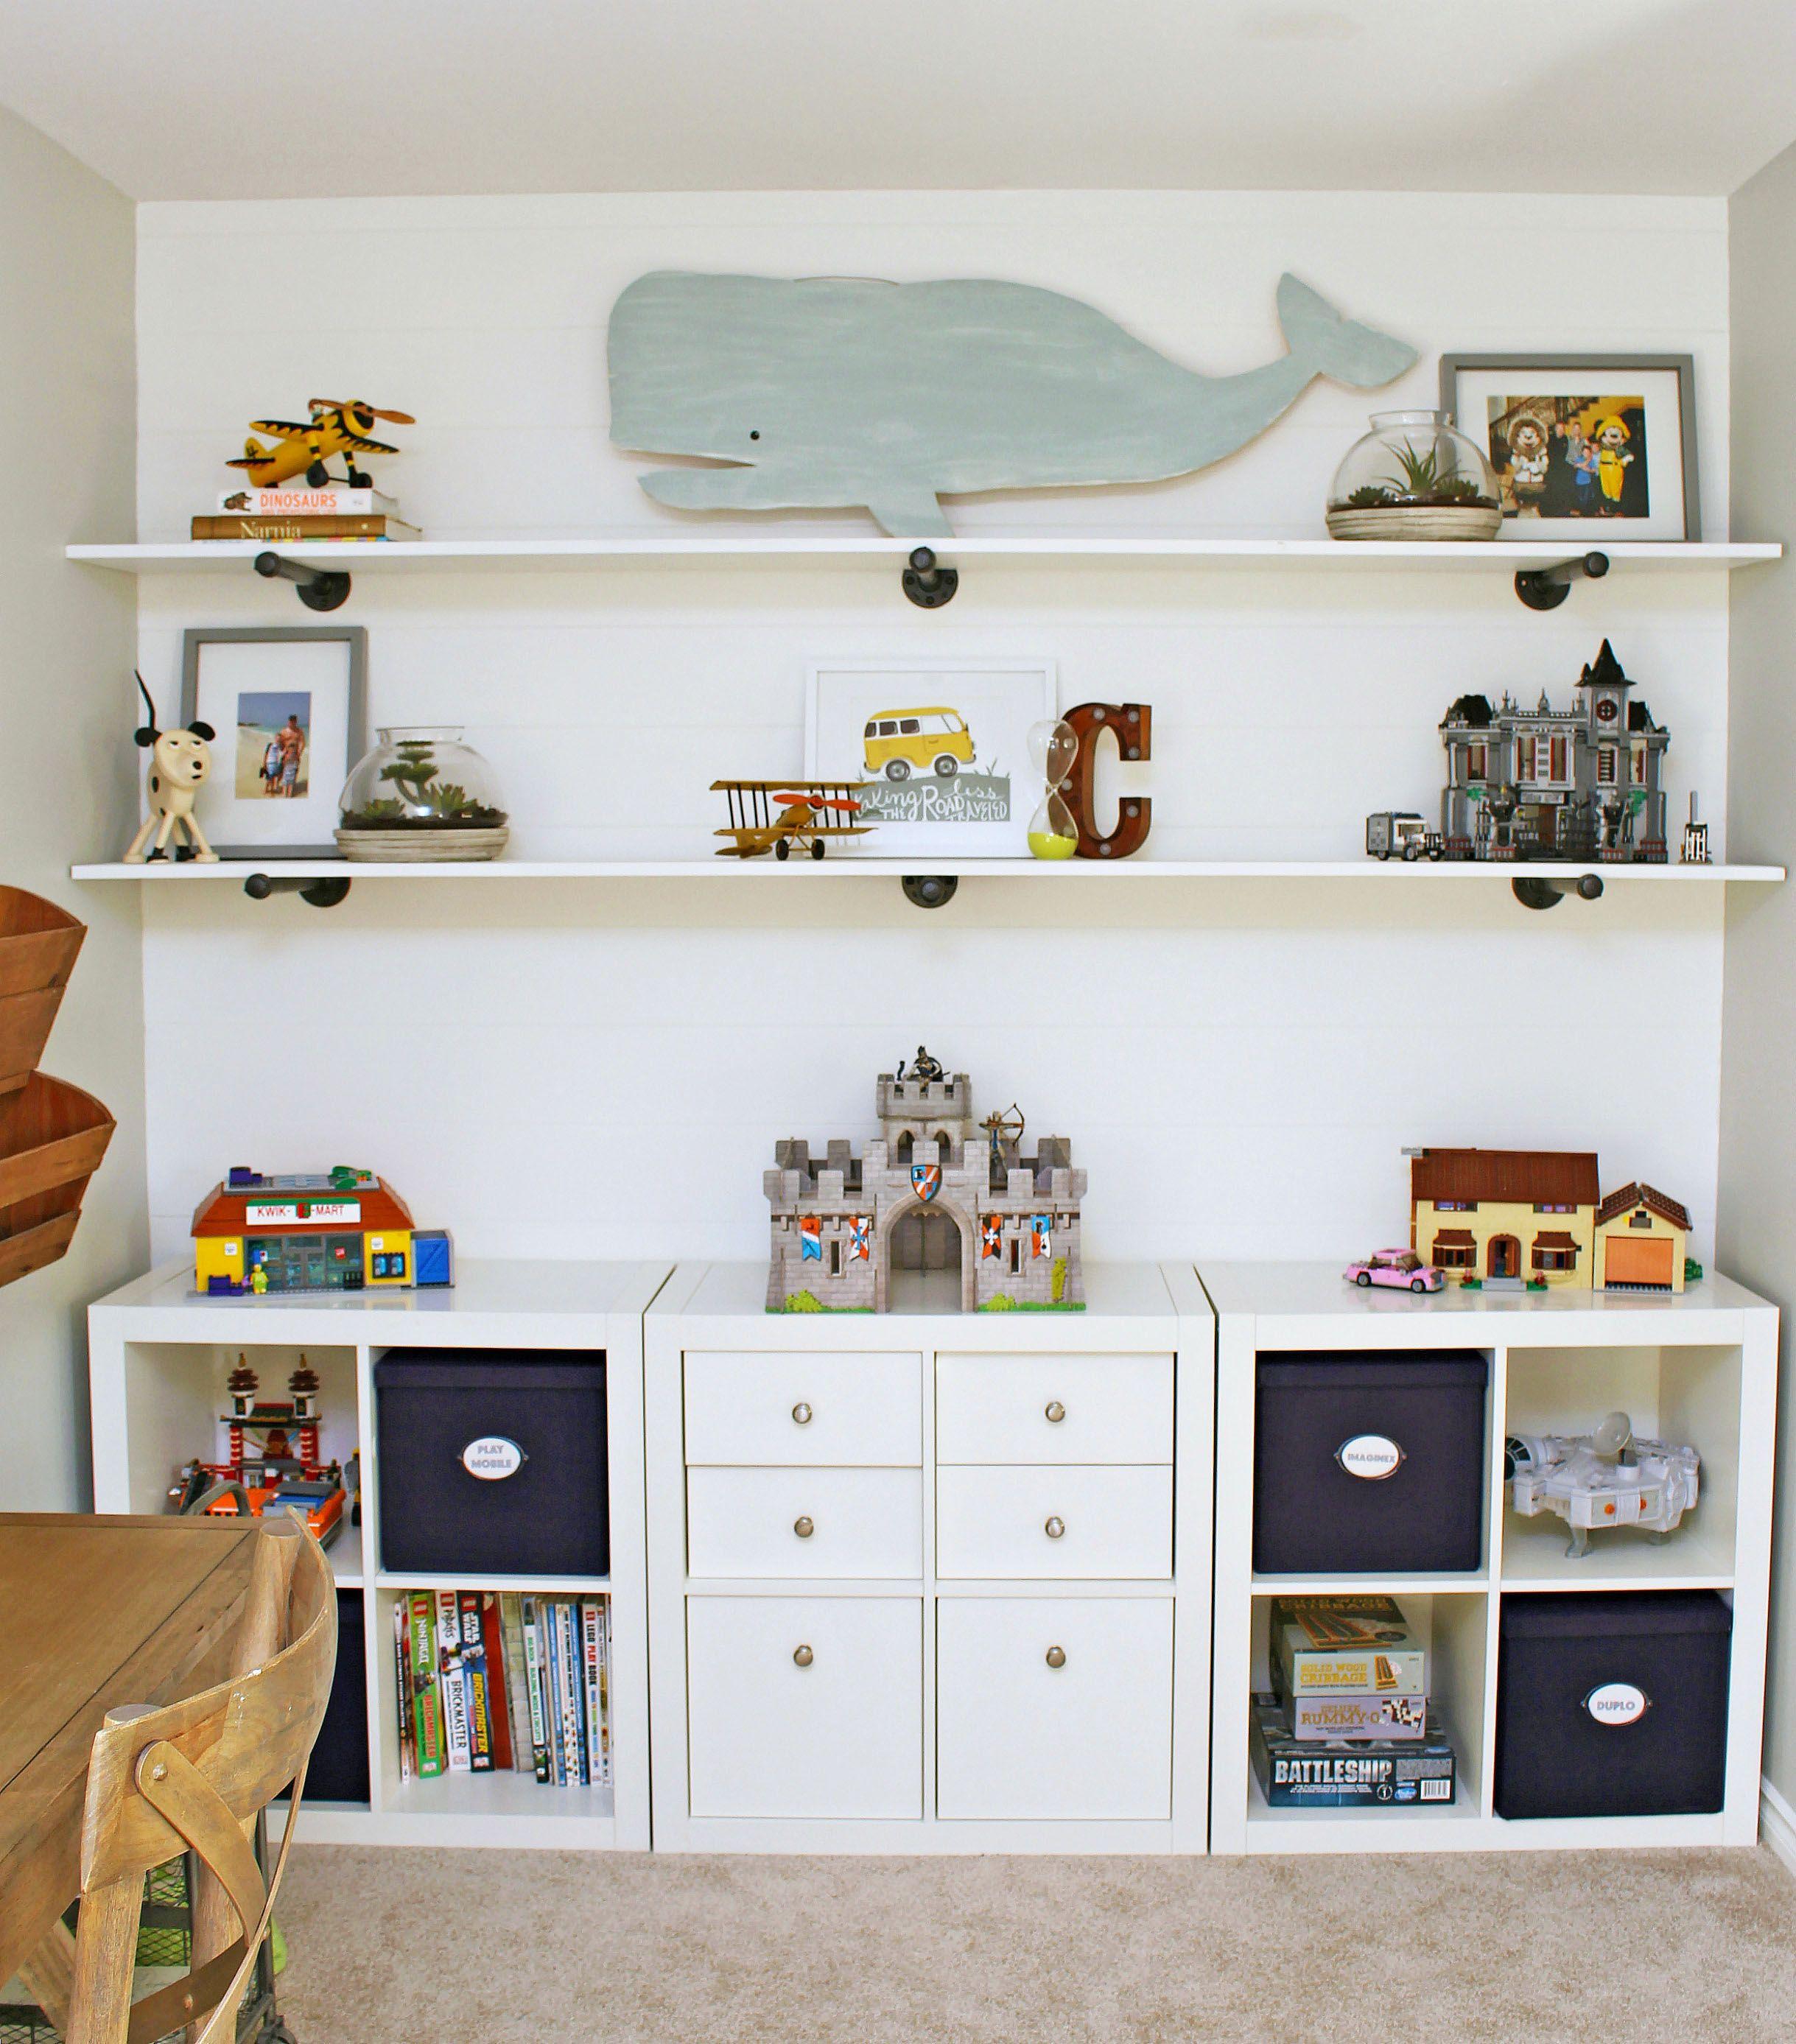 Kids Bedroom Organization September Household Organization Diet Kids Bedroom Organization Organization Bedroom Kids Bedroom Storage